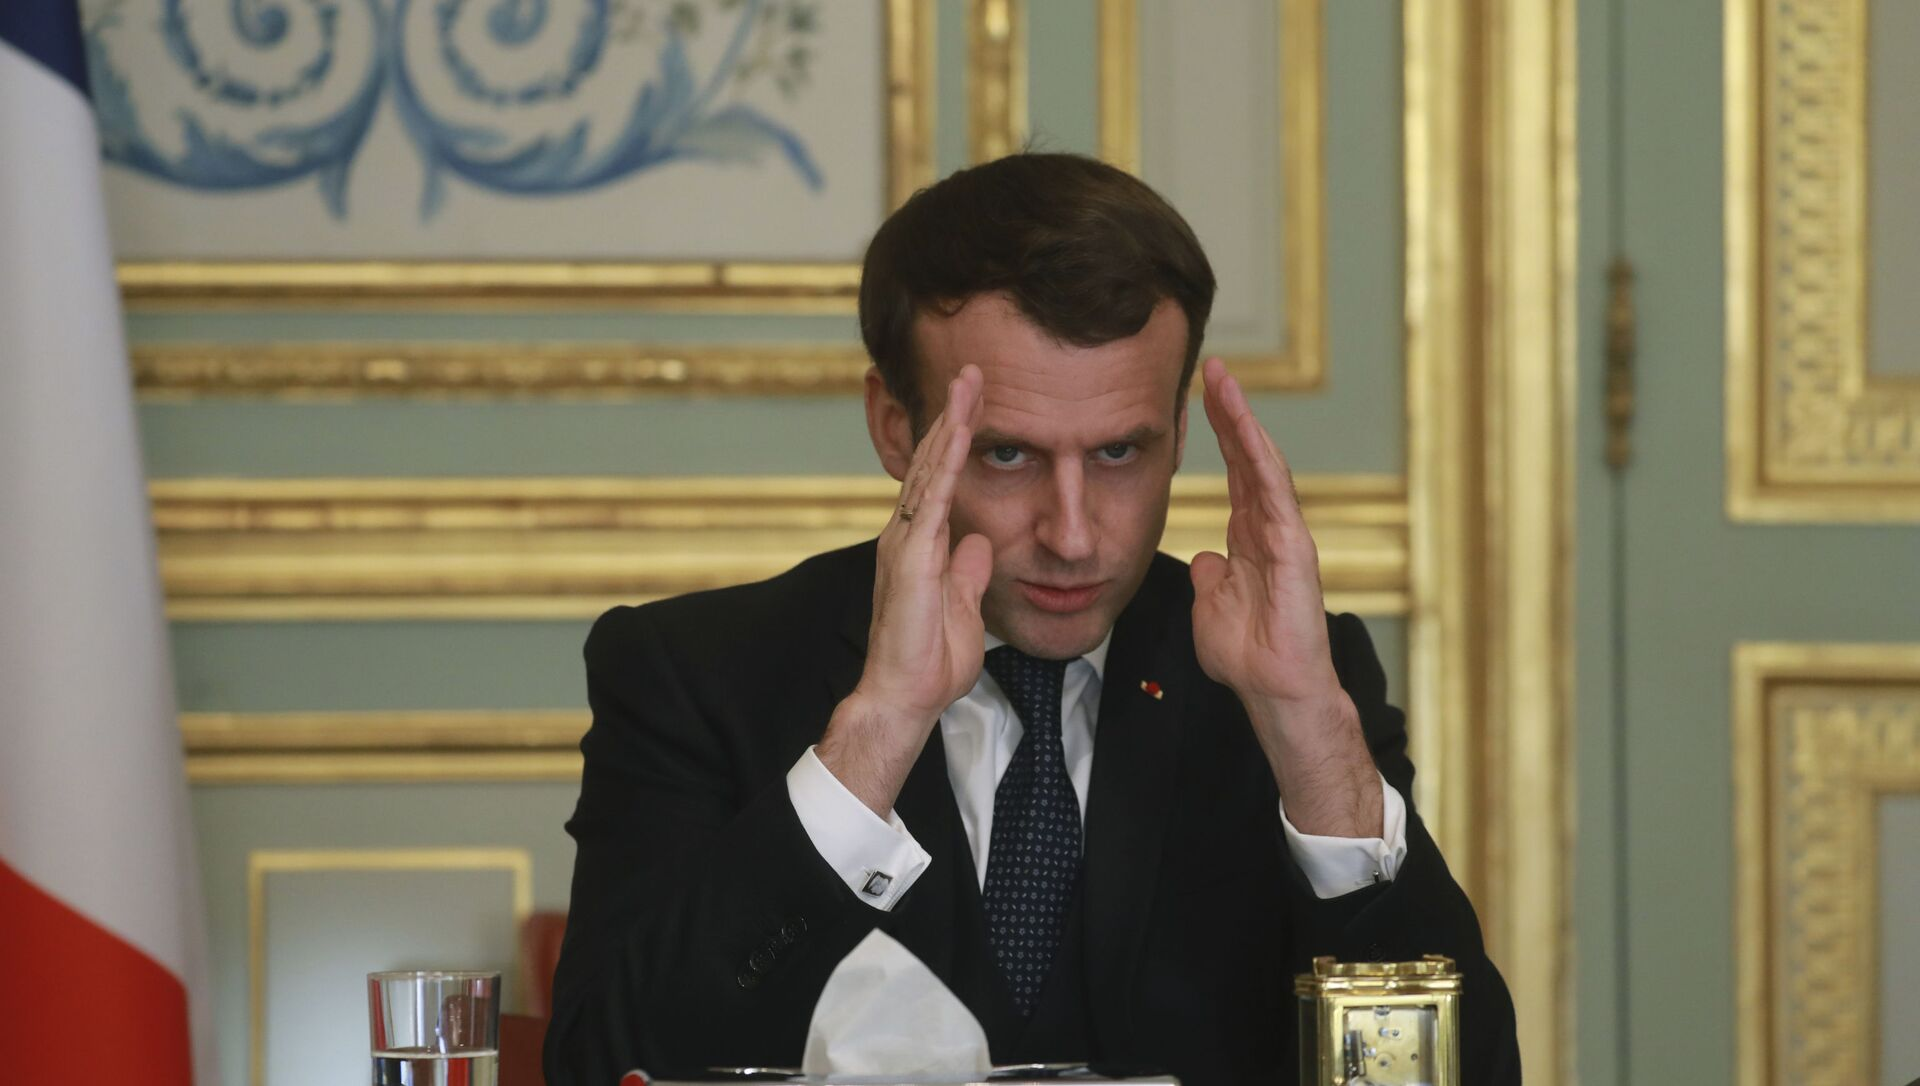 Emmanuel Macron, archives - Sputnik France, 1920, 05.02.2021